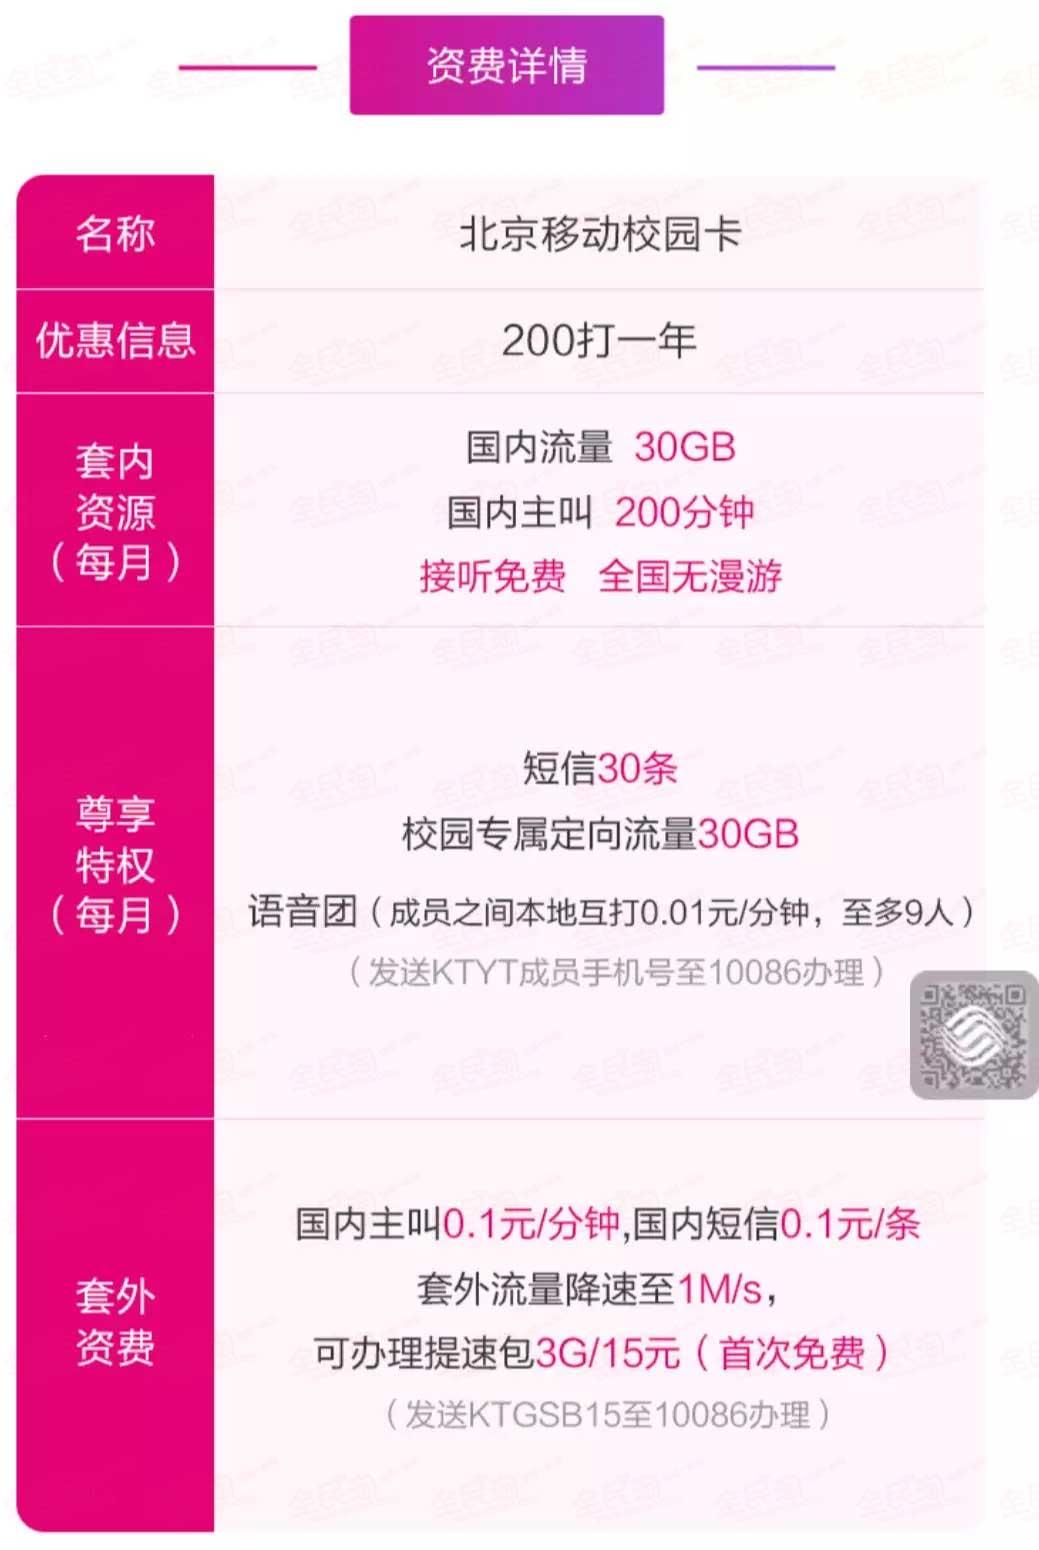 北京移动校园卡即将取消不限量套餐!本月28日取消不限量套餐,28号之前下单不受影响!